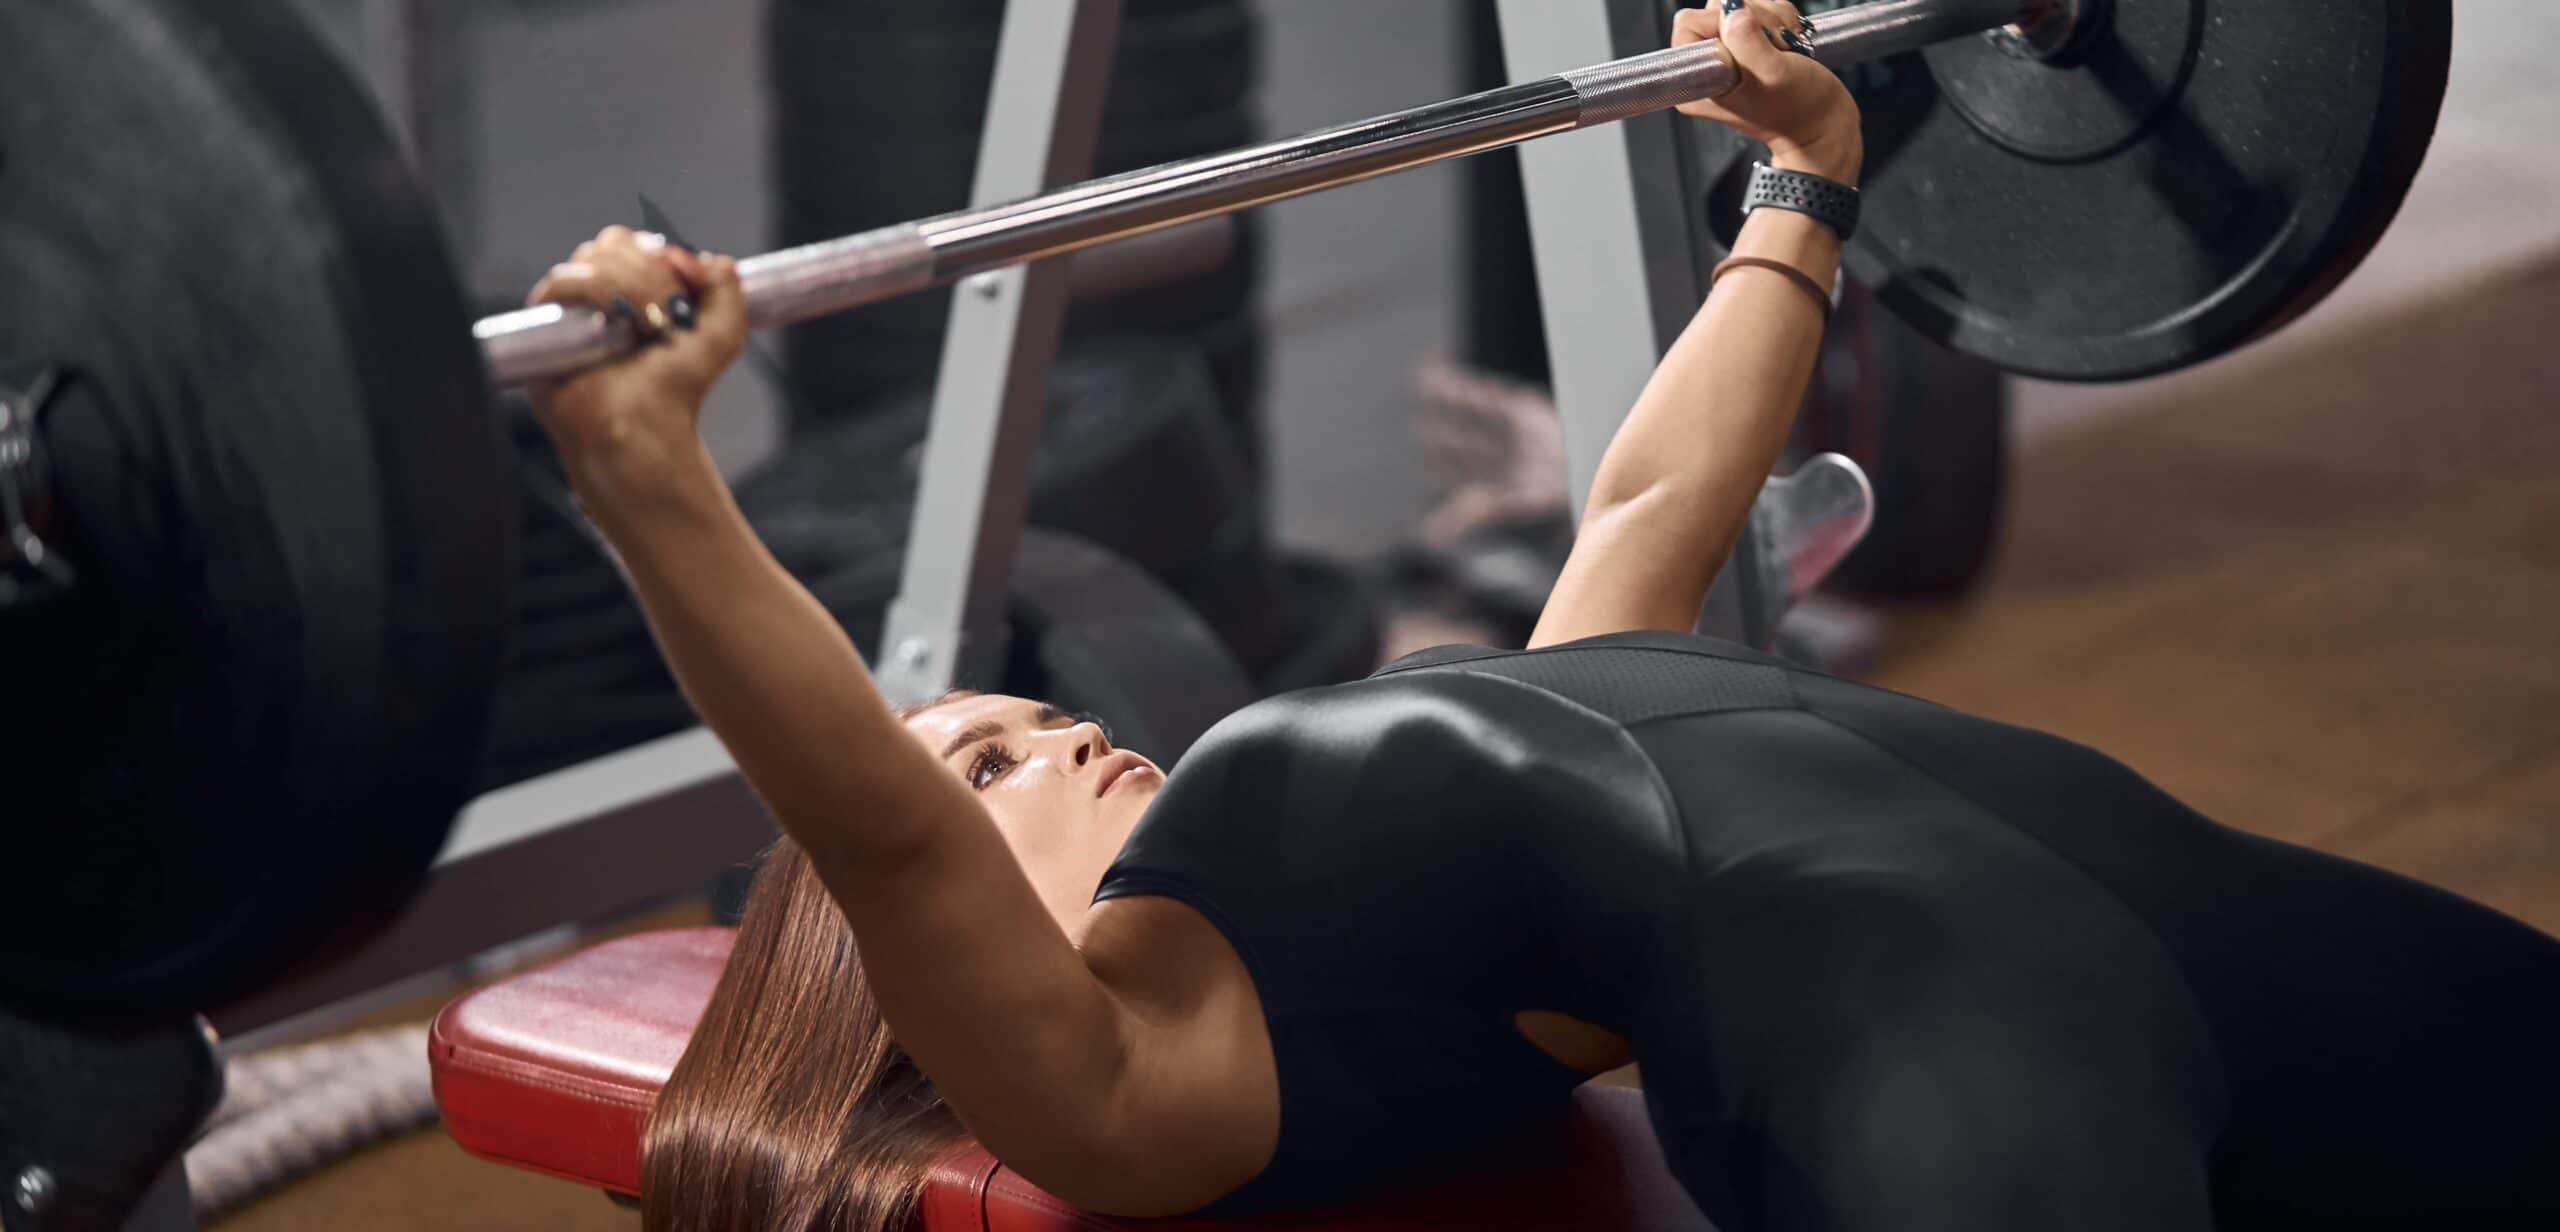 Atleti transgender e sport al femminile